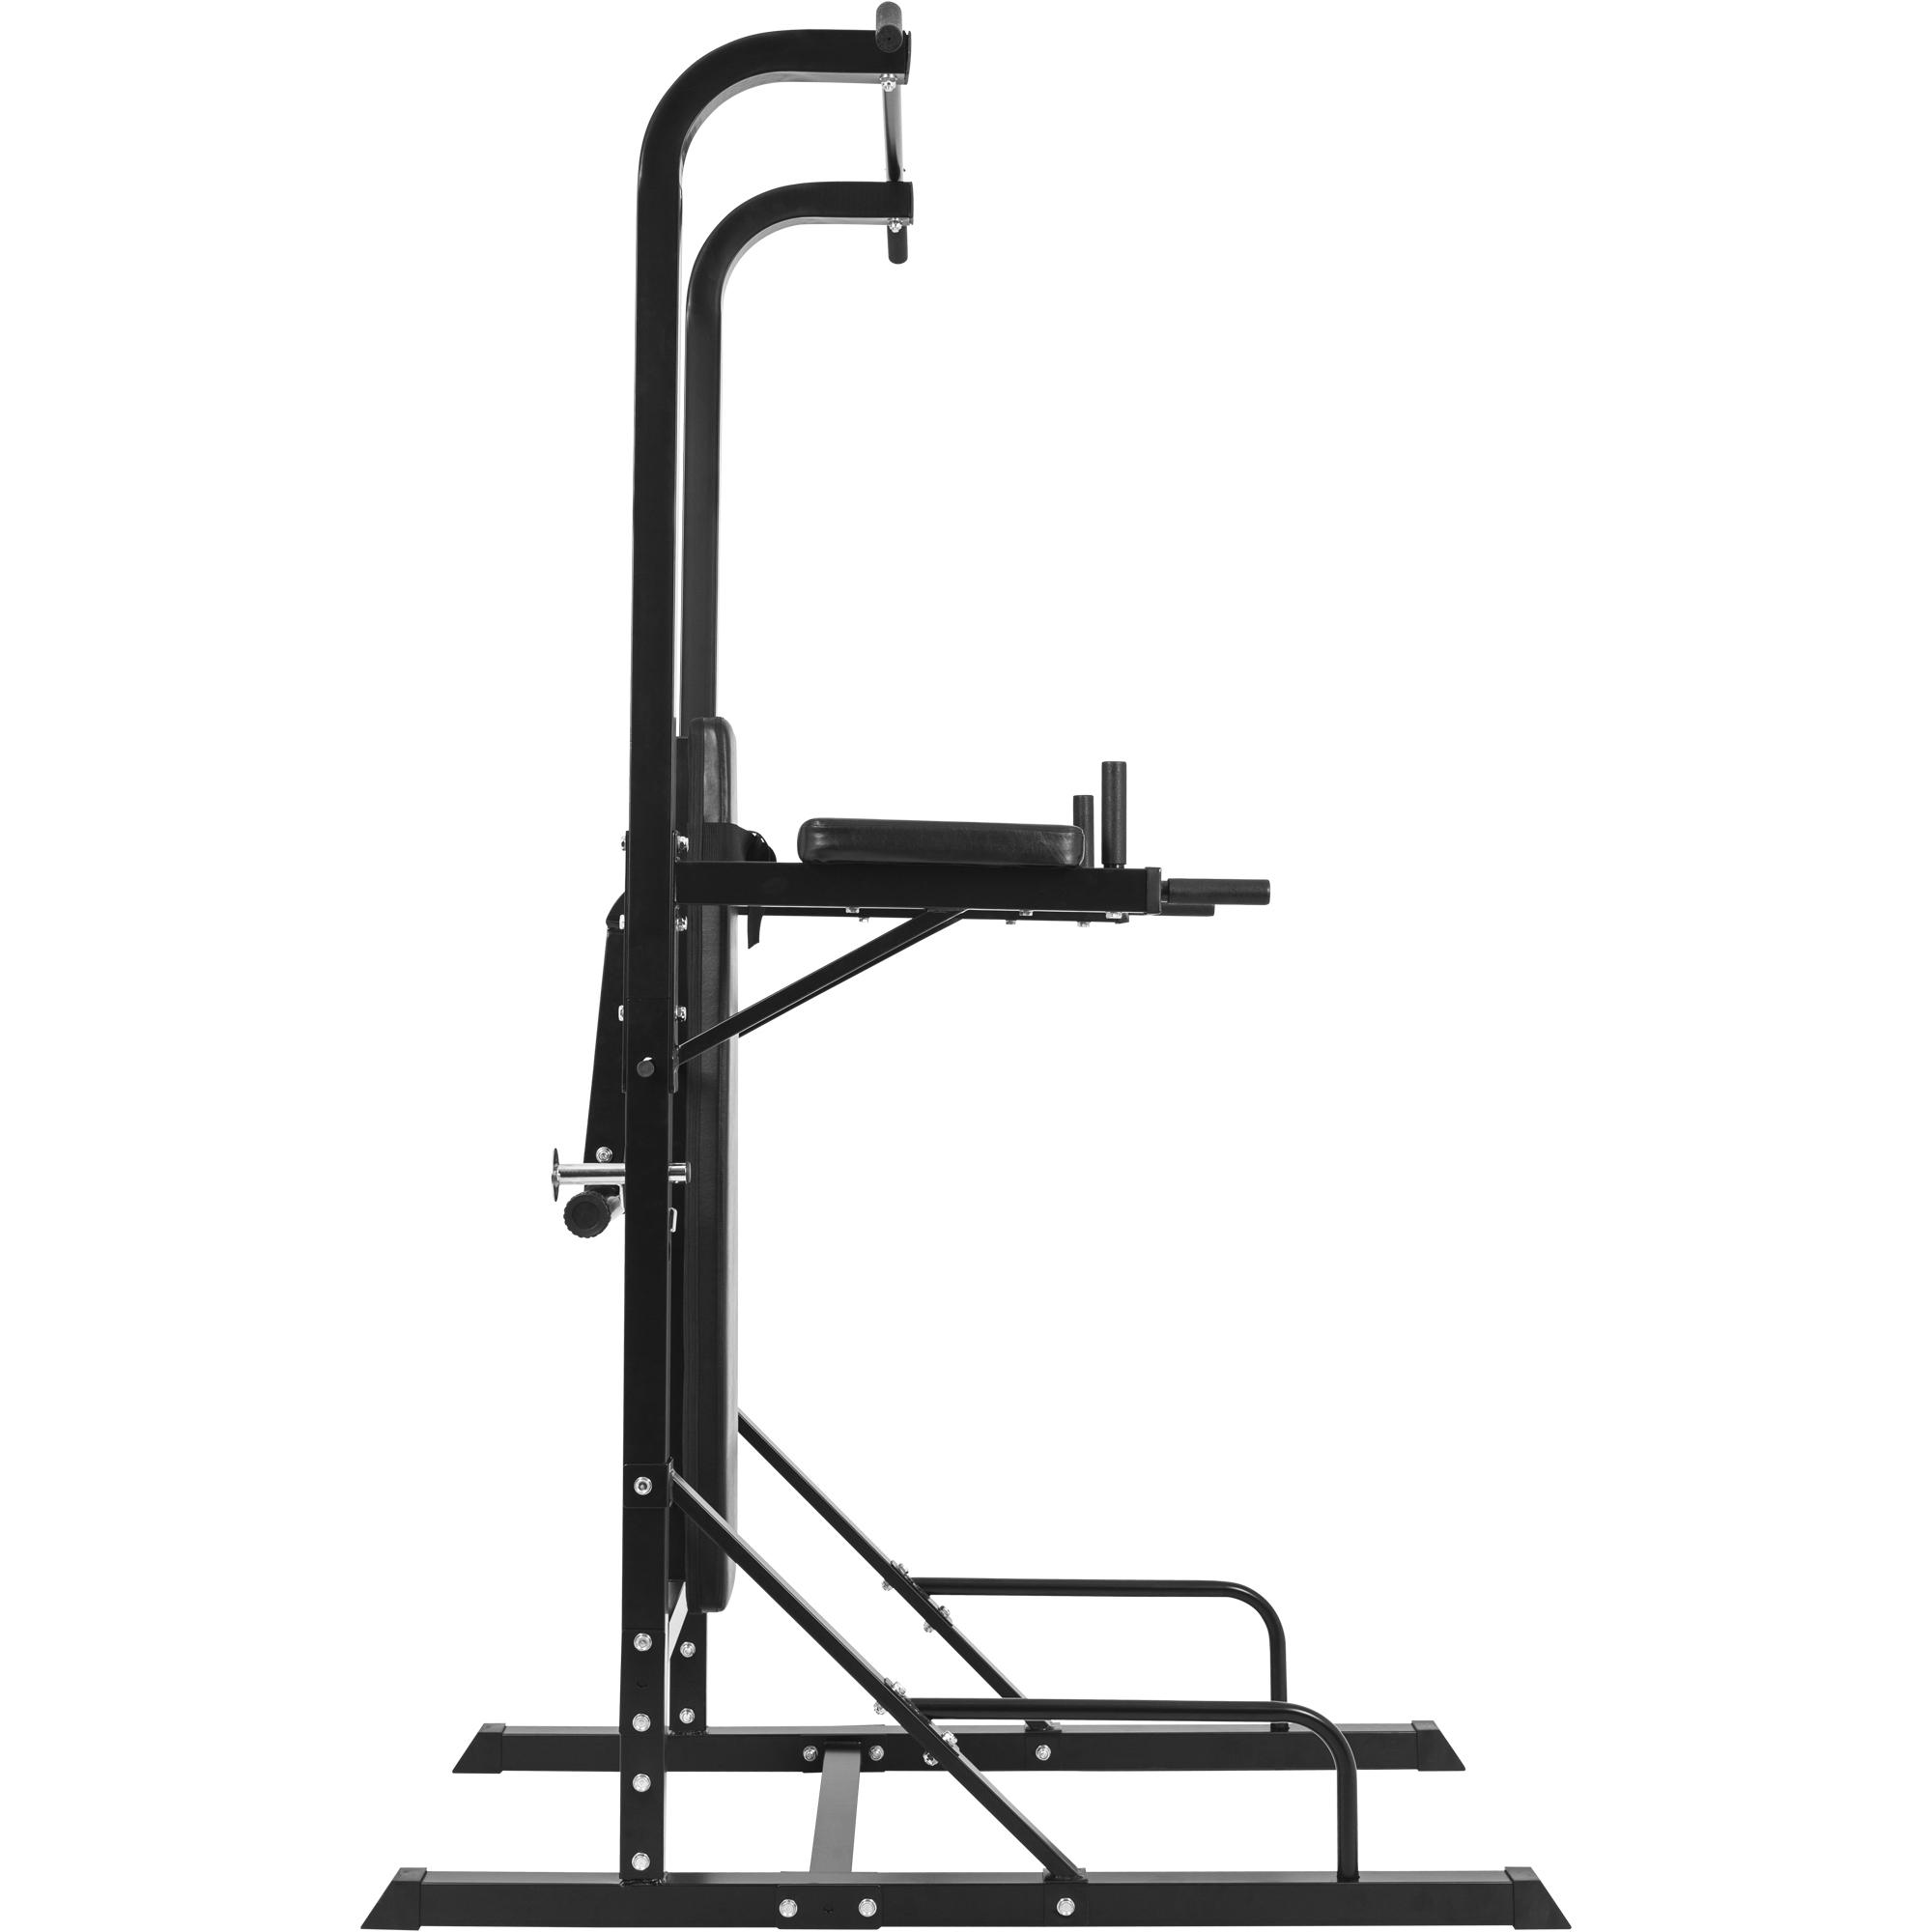 Station d entrainement multifonctions barre de traction dips banc musculation 10000797 - Banc musculation go sport ...